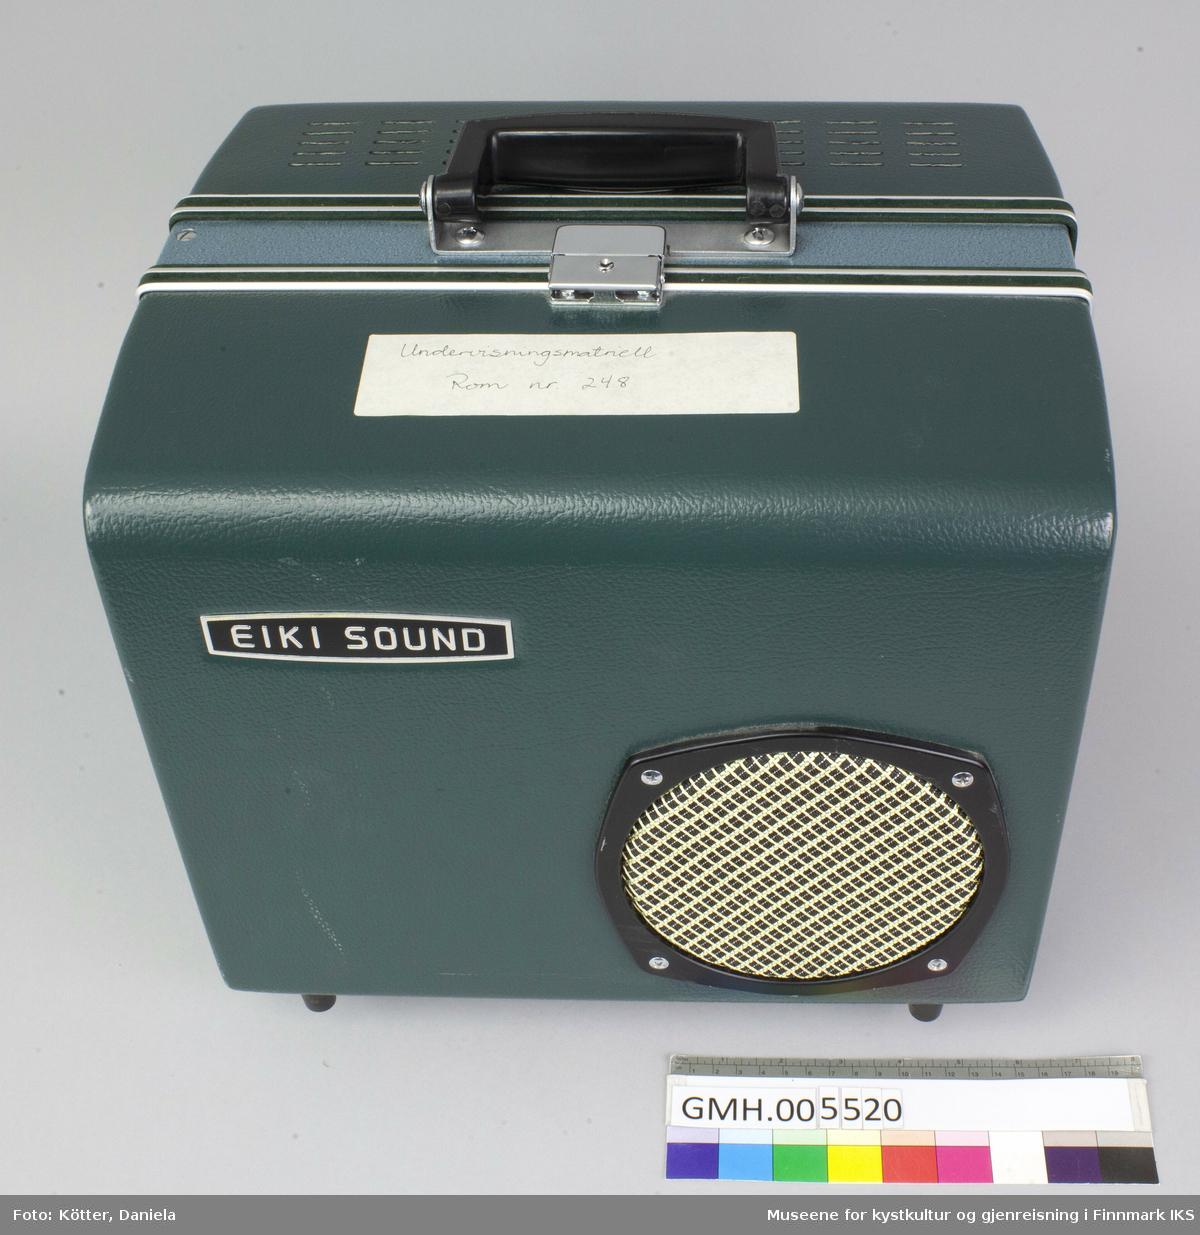 Fremviseren er funksjonsdyktig. Den har en kropp av metall og to sidedeler av grønn kunststoff. For å bruke apparatet, åpnes låsen på oversida, slik at den ene sidedelen kan tas av. I den er det innbygt et høyttaler. Den kan forbindes med apparatet med en audiokabel, som ikke ligger ved. Nederst, under projektormaskinen, er det et hulrom som huser strømkabelen. Armene for filmspolene kan klaffes ut. De klaffes inn ved å trykke på en sølvfargen knapp ved siden av.